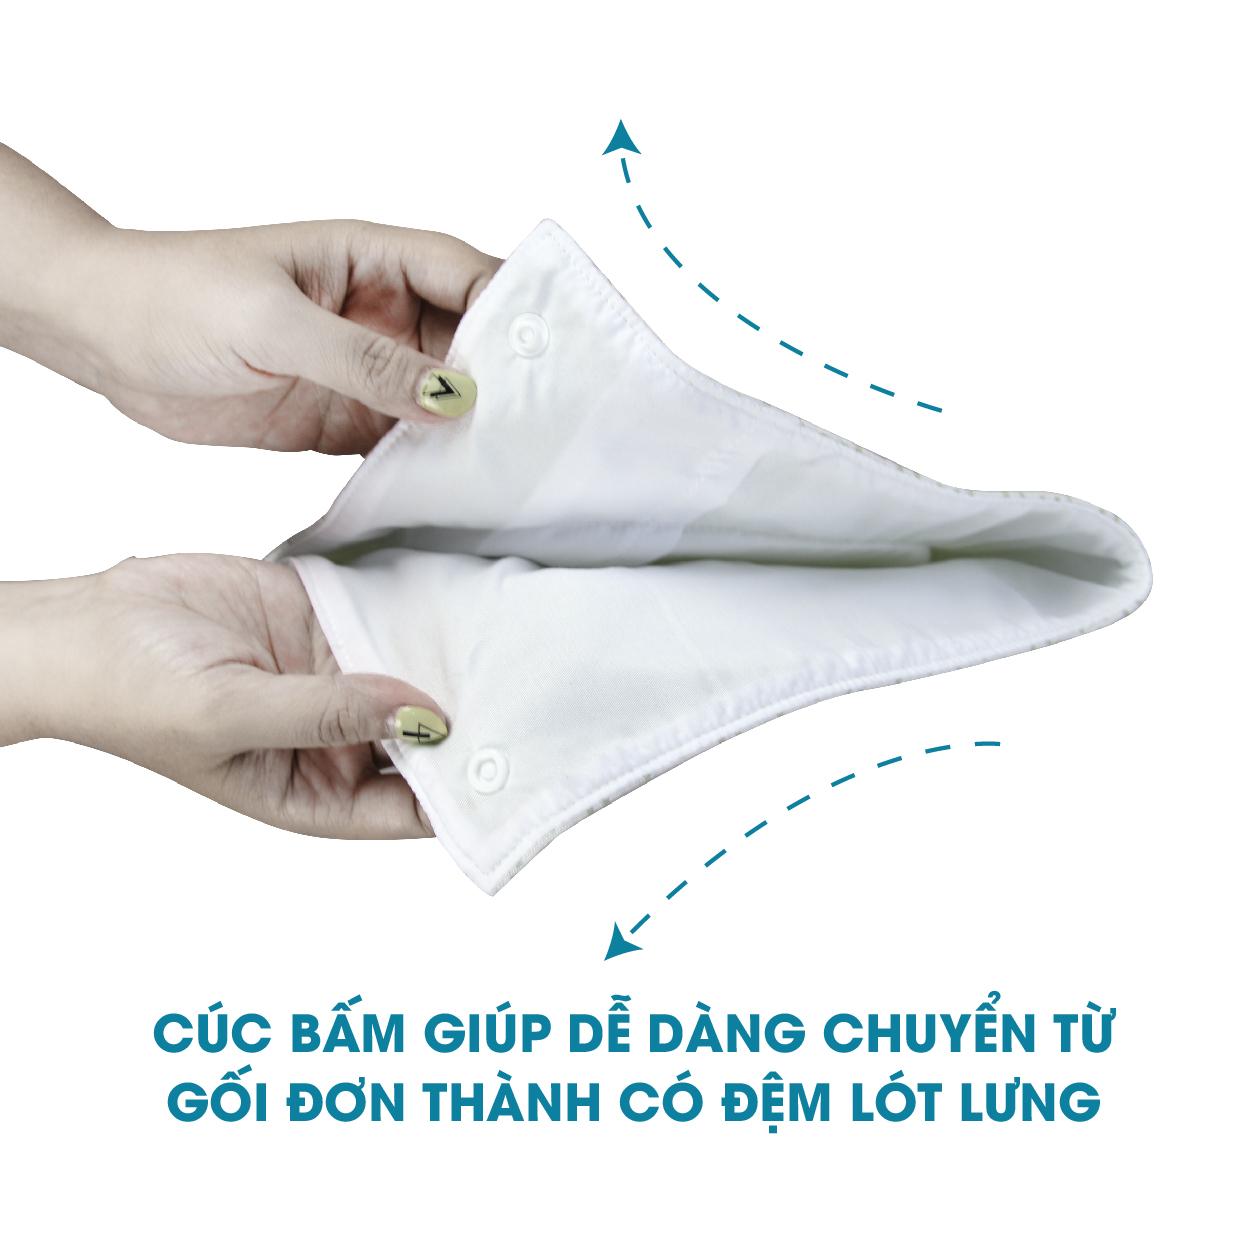 Gối lõm định hình đầu ruột cao su non vỏ sợi tre bamboo kháng khuẩn chống bẹt / bẹp đầu cho bé sơ sinh Comfybaby CF52020N04